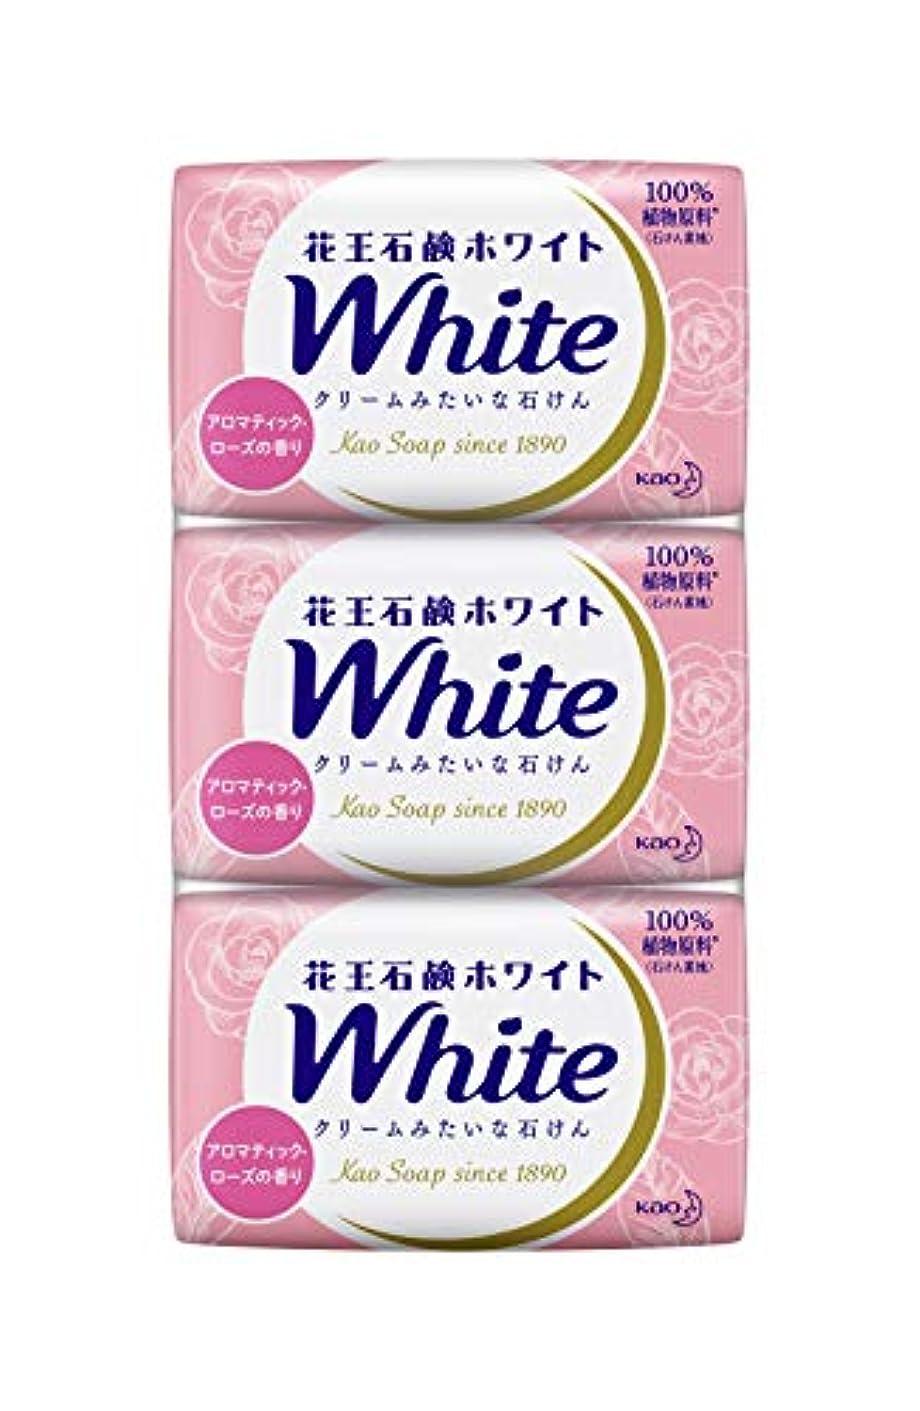 失う歴史的マニフェスト花王ホワイト アロマティックローズの香り レギュラーサイズ3コ